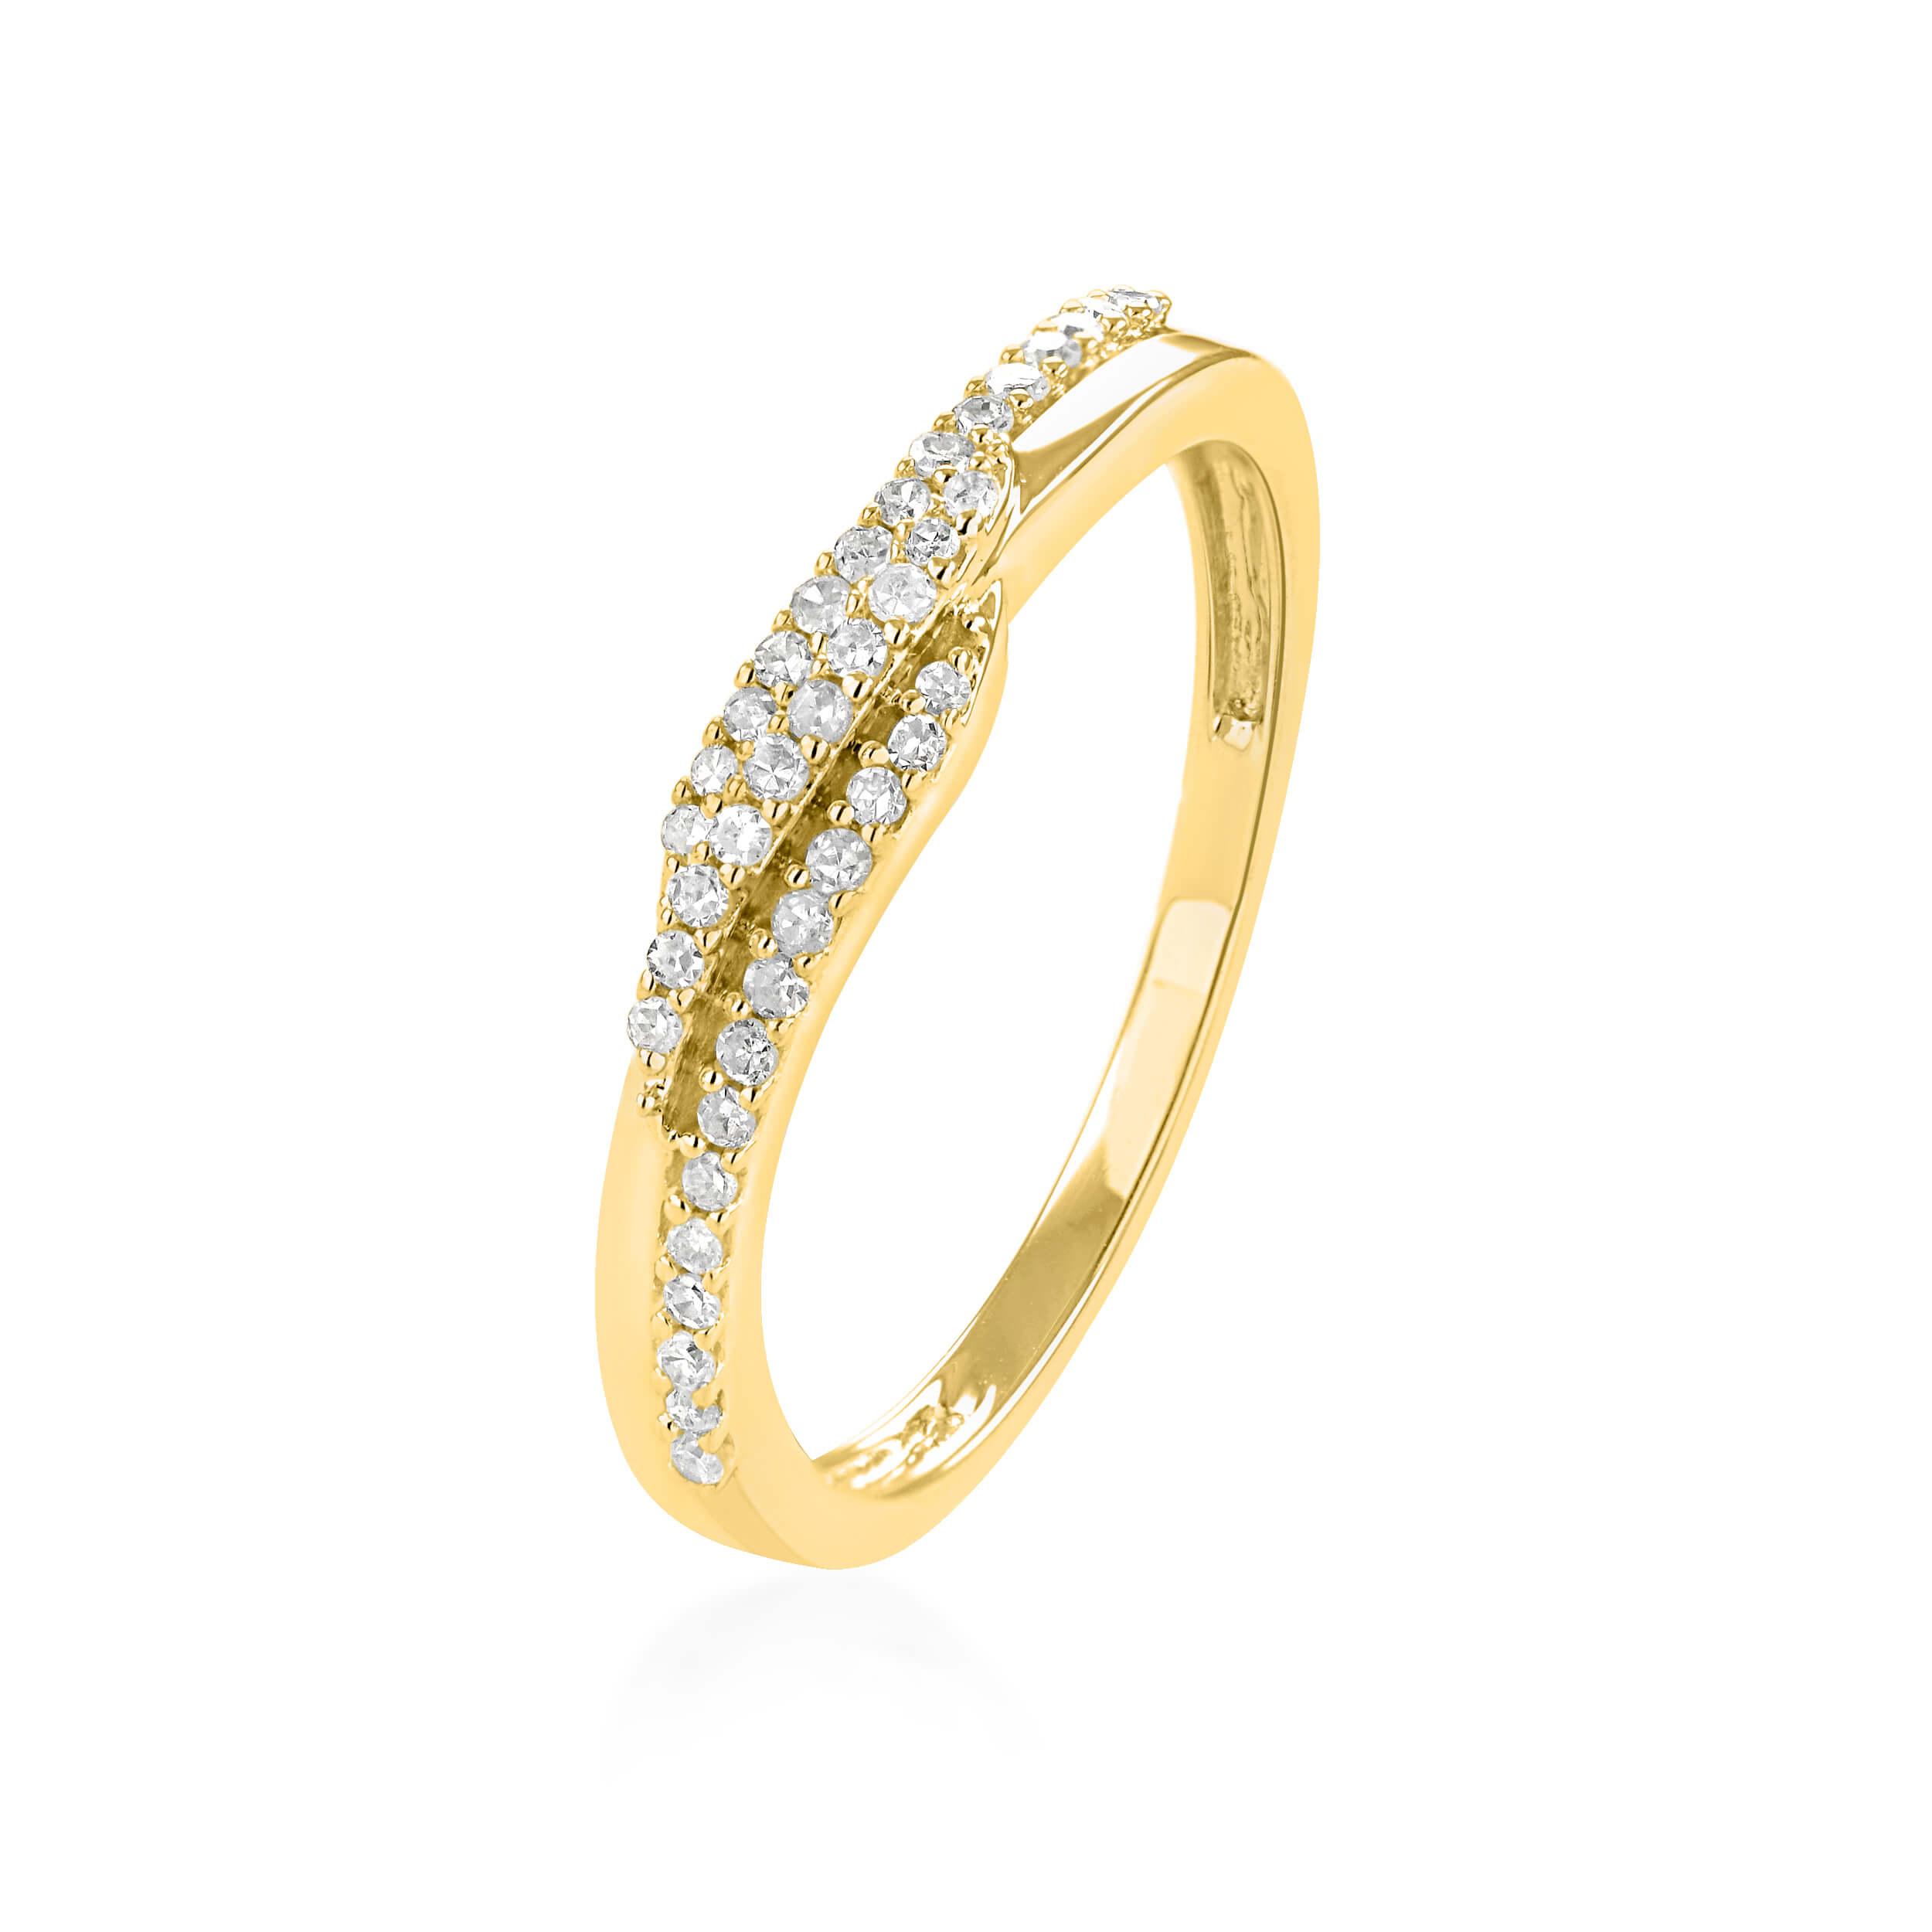 מגניב טבעת יהלומים זהב צהוב 14 קראט - טבעות יהלומים AT-45